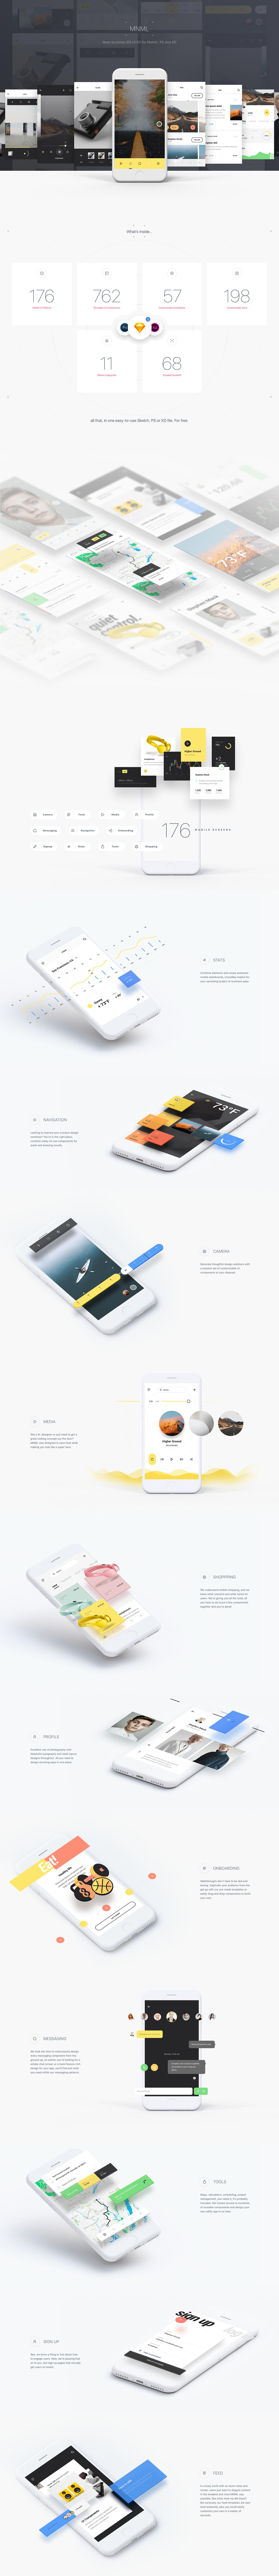 ux UI uidesign ui design ios iOS11 app design templates